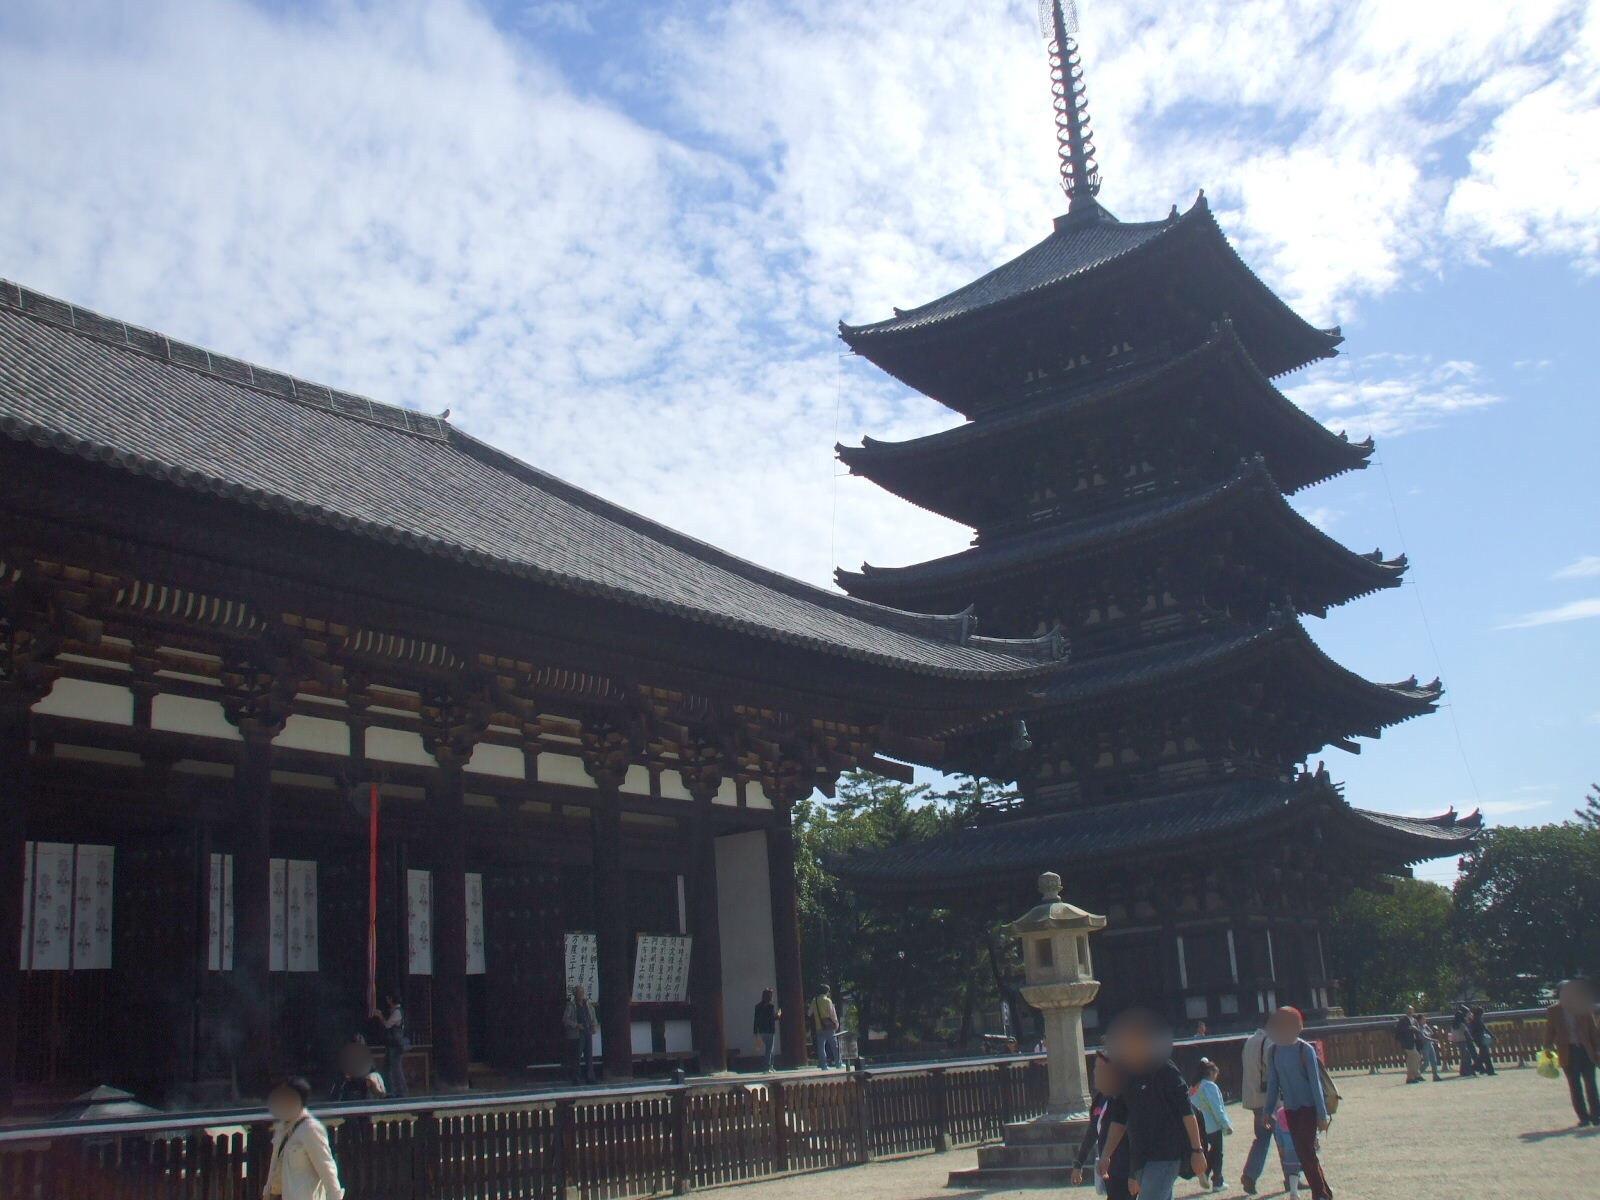 【奈良公園① 興福寺と猿沢池】 藤原氏の氏寺で、国宝の宝庫。猿沢池の七不思議とは・・・